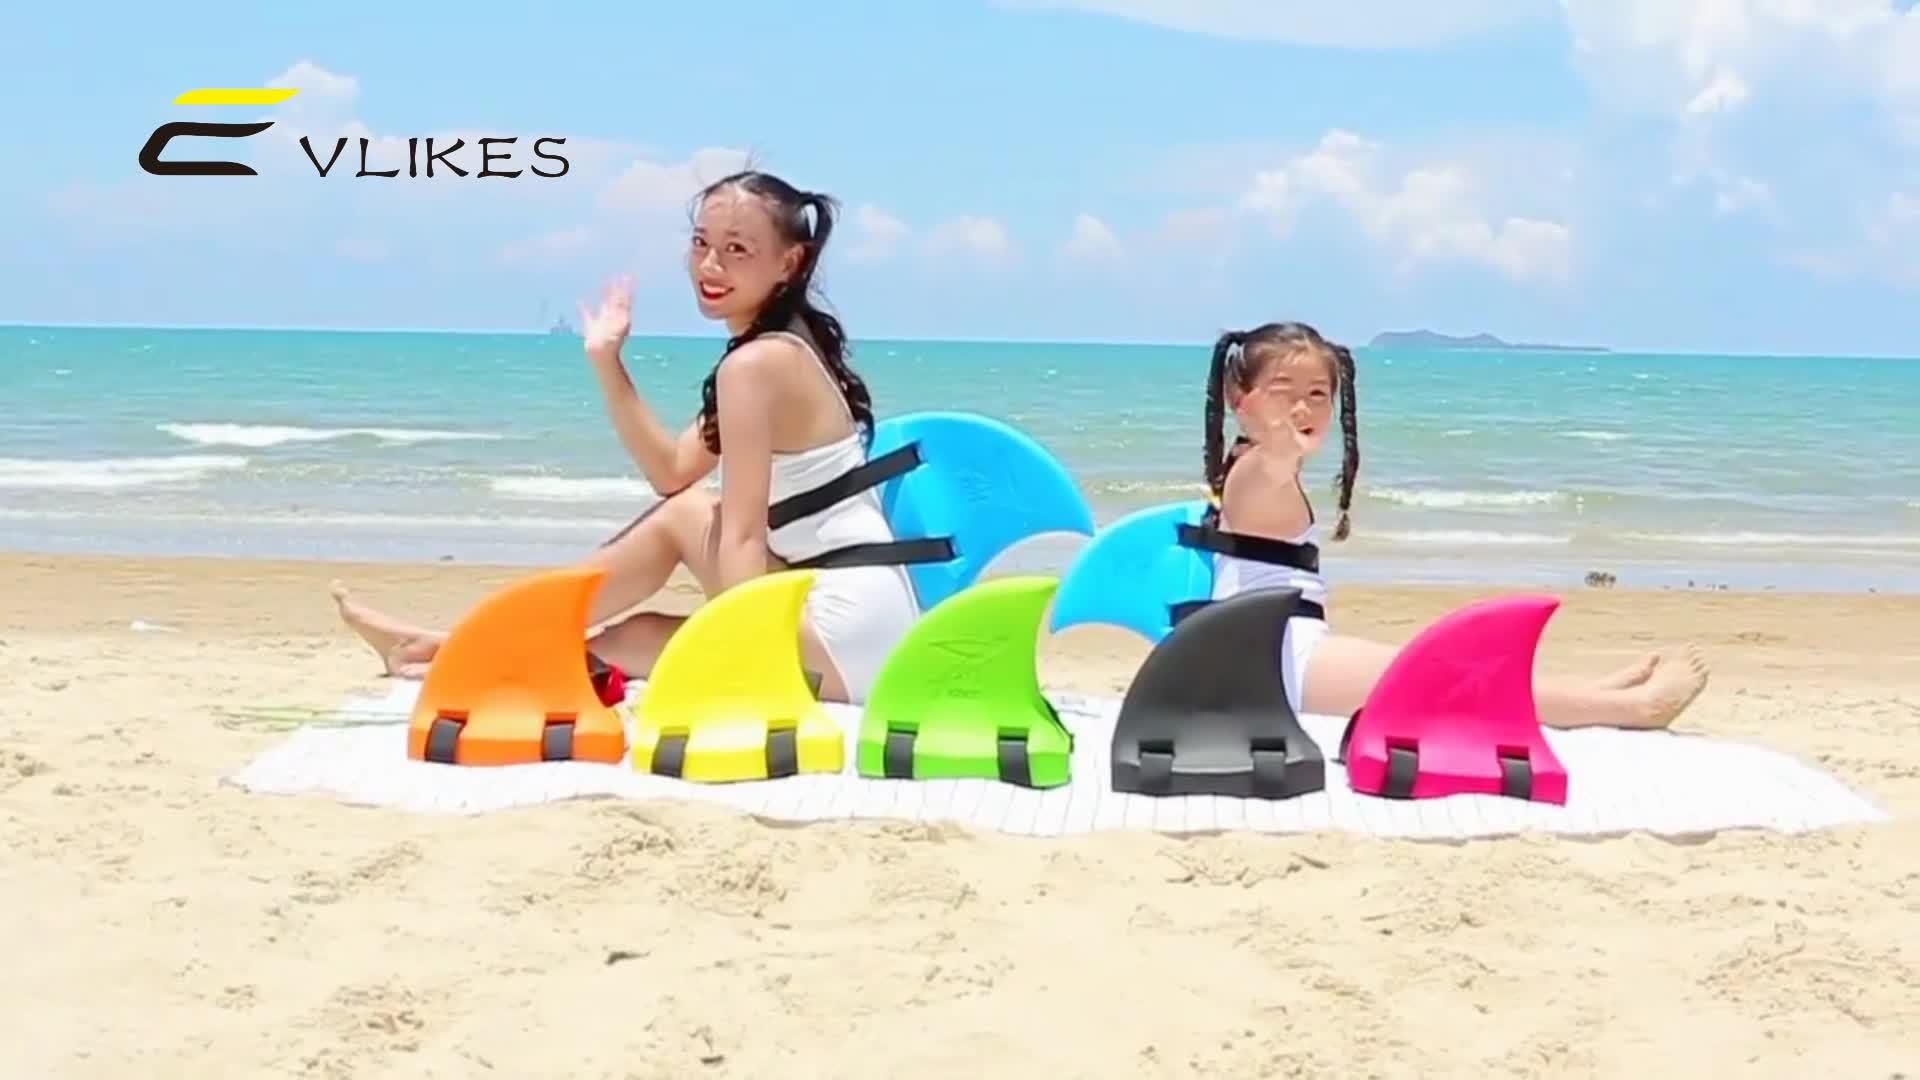 子供大人サメフィン水泳や衣装サメ水泳サメフィンプールフロートおもちゃ